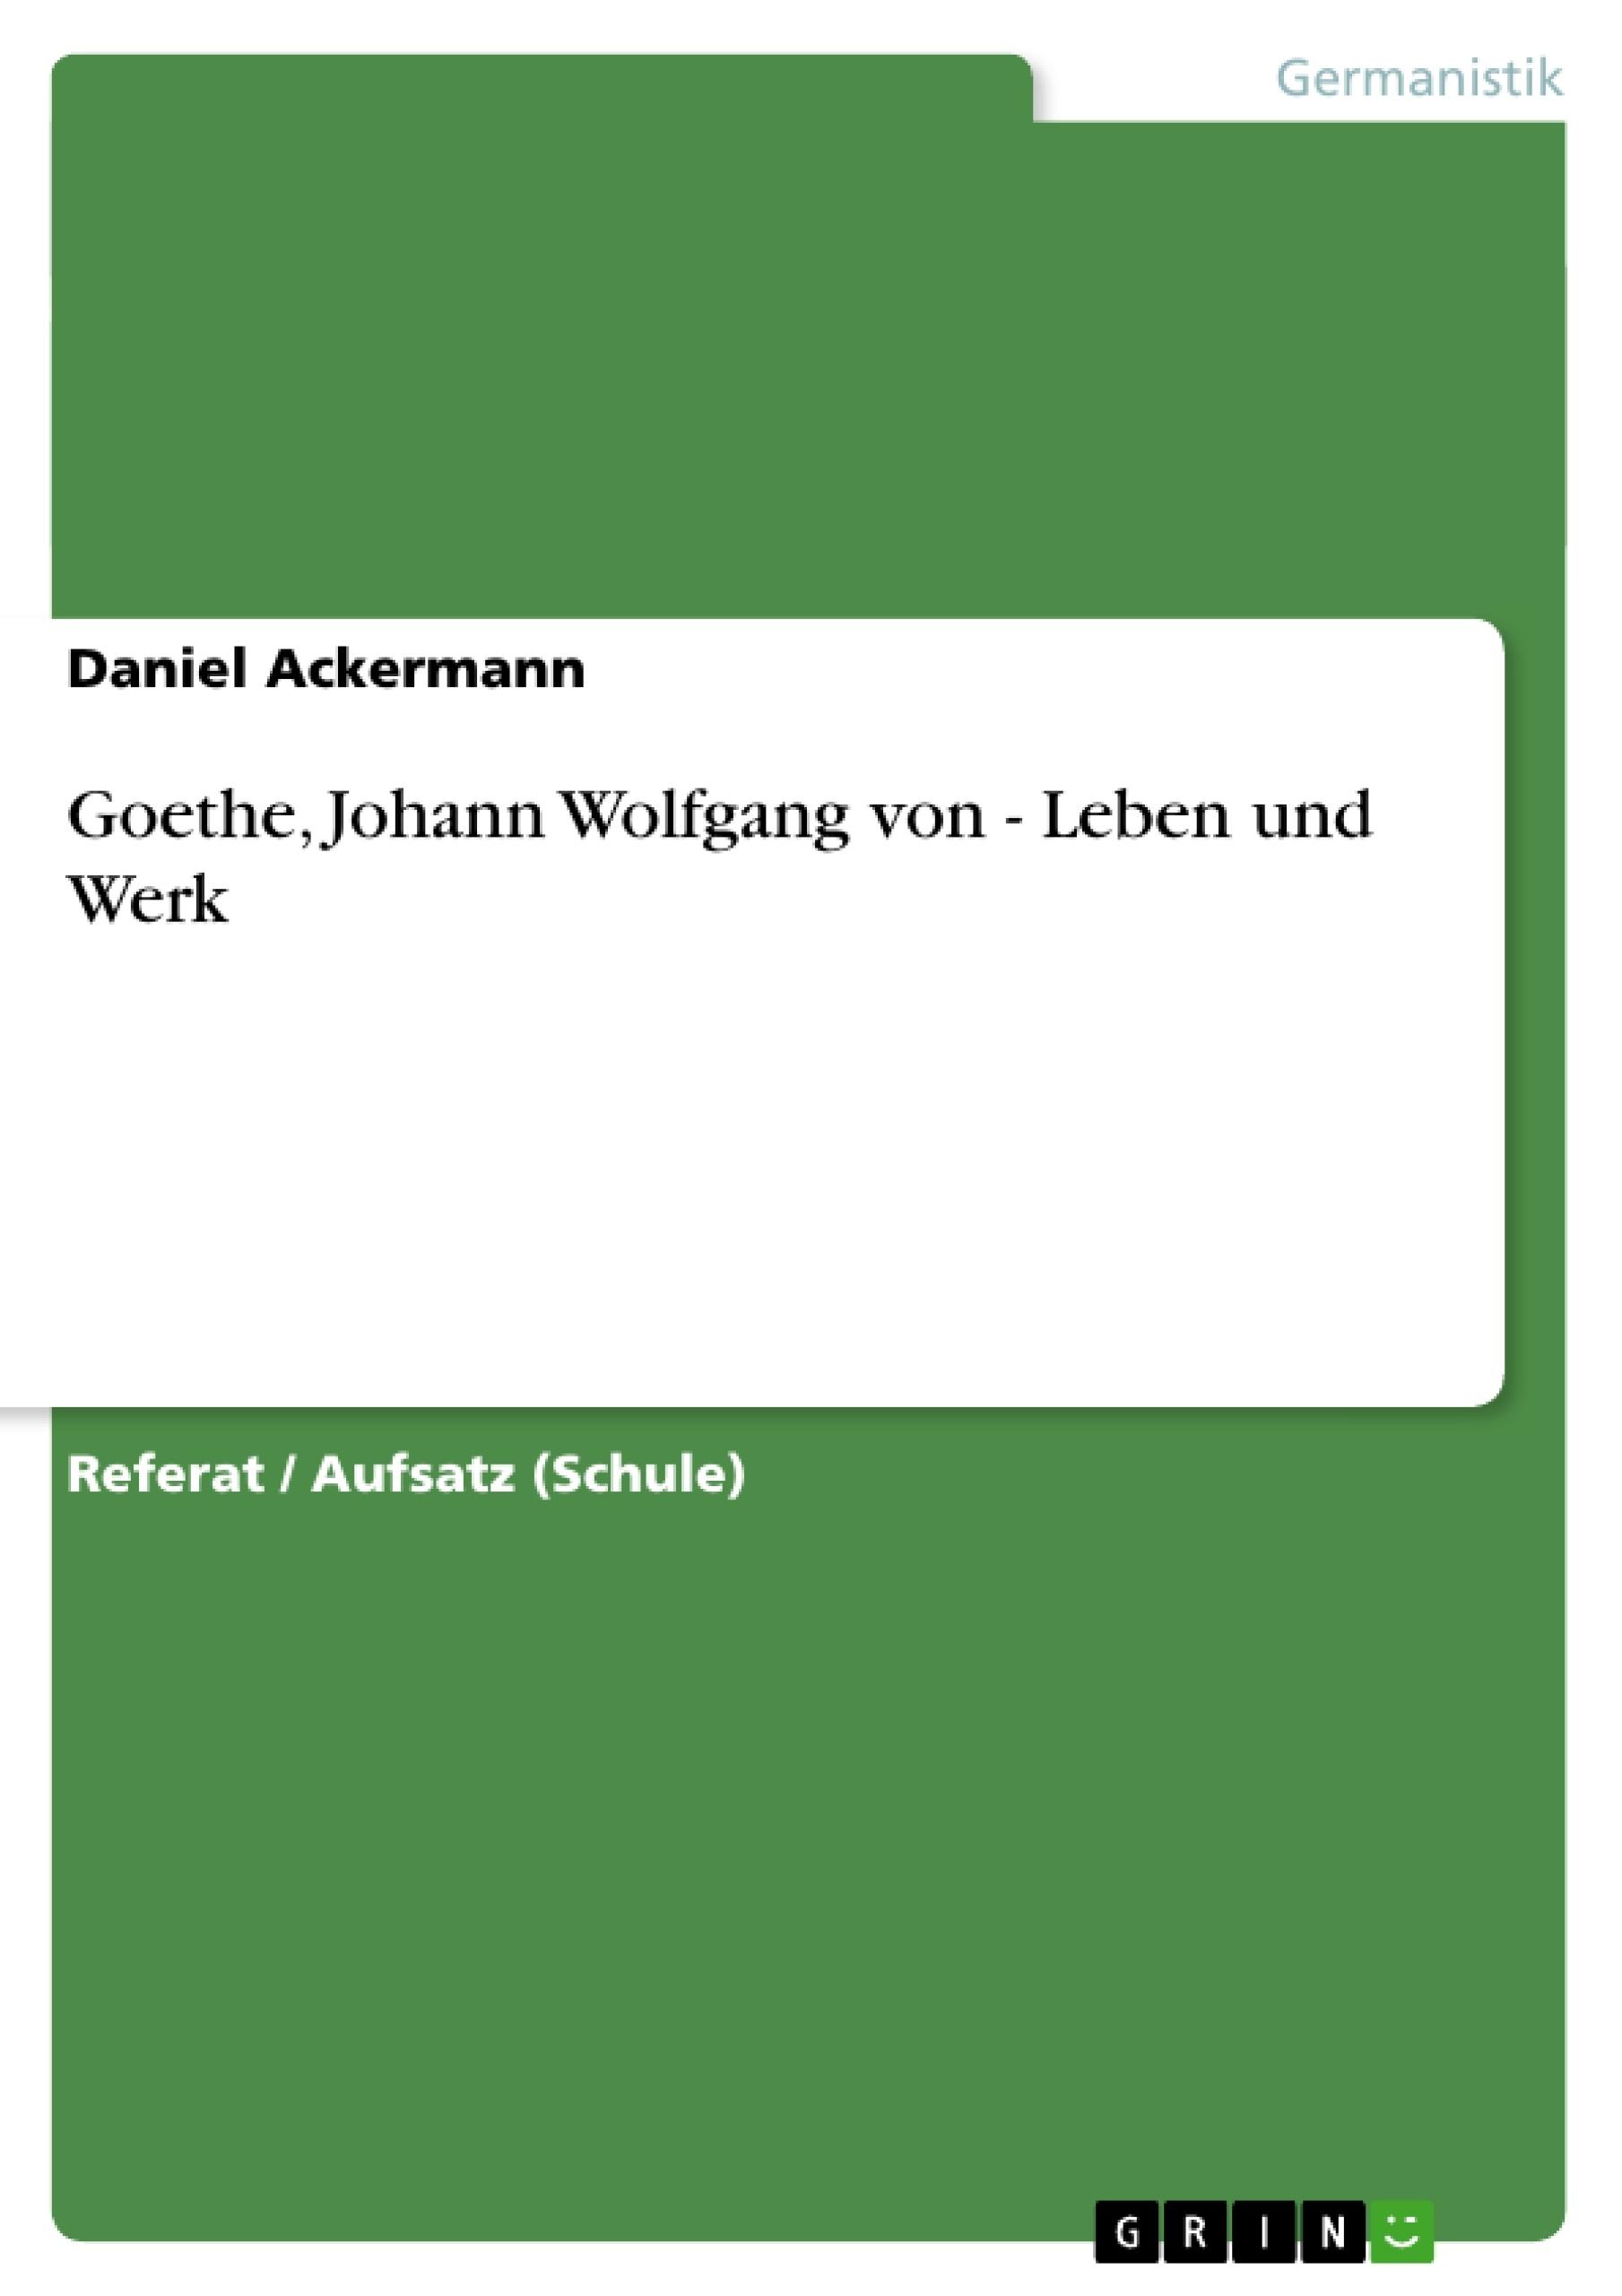 Titel: Goethe, Johann Wolfgang von - Leben und Werk